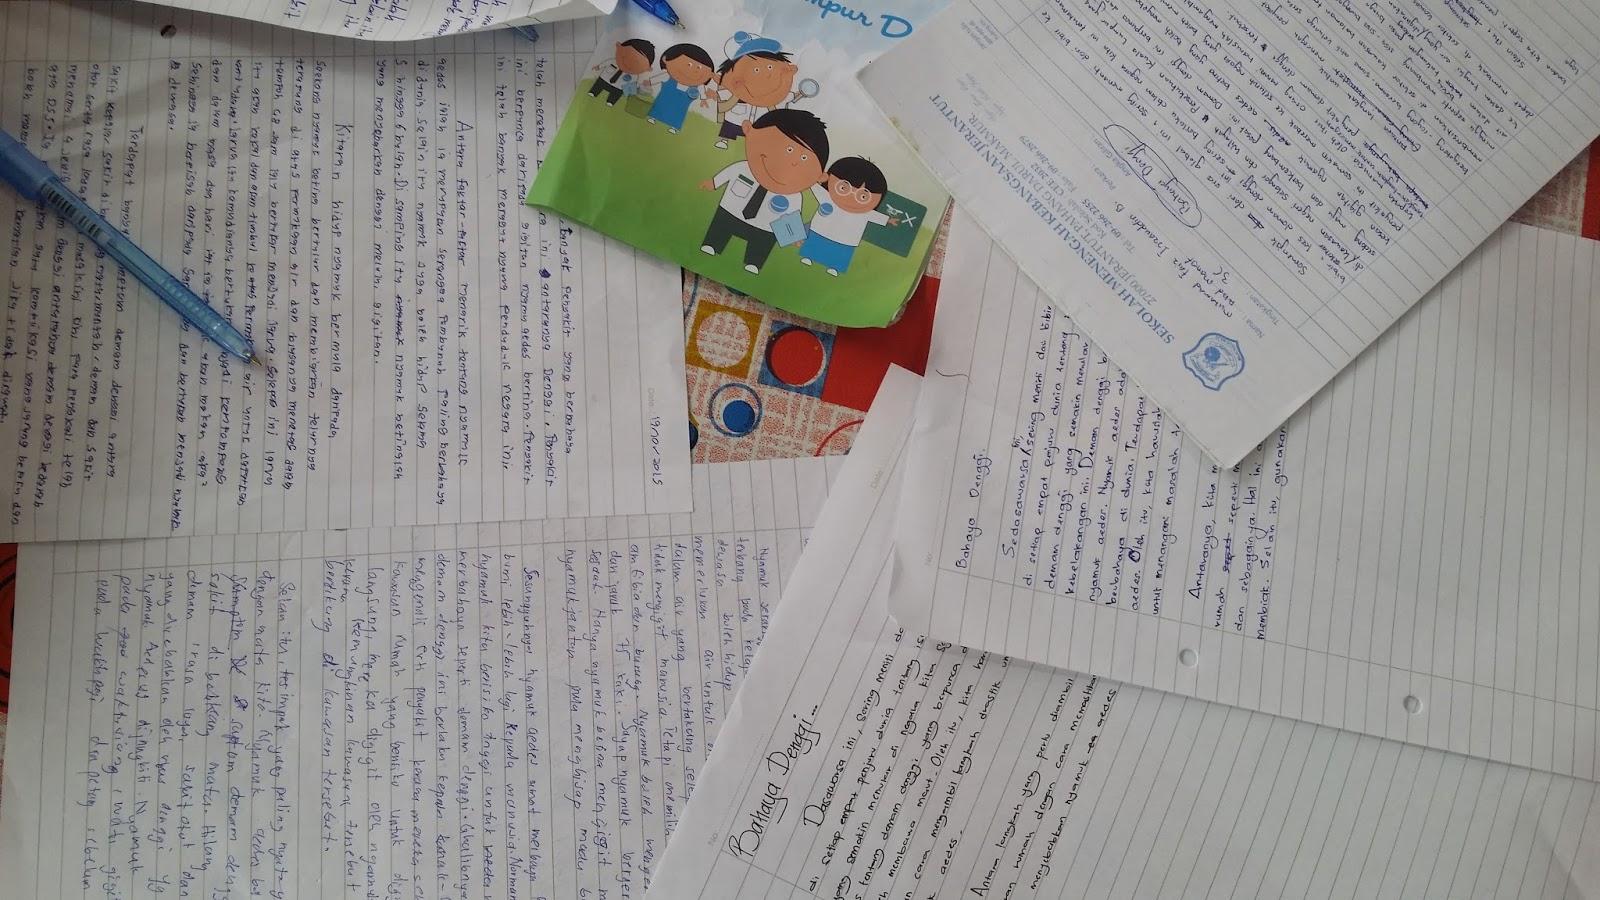 smk jerantut dengue buster essay writing contest essay writing contest